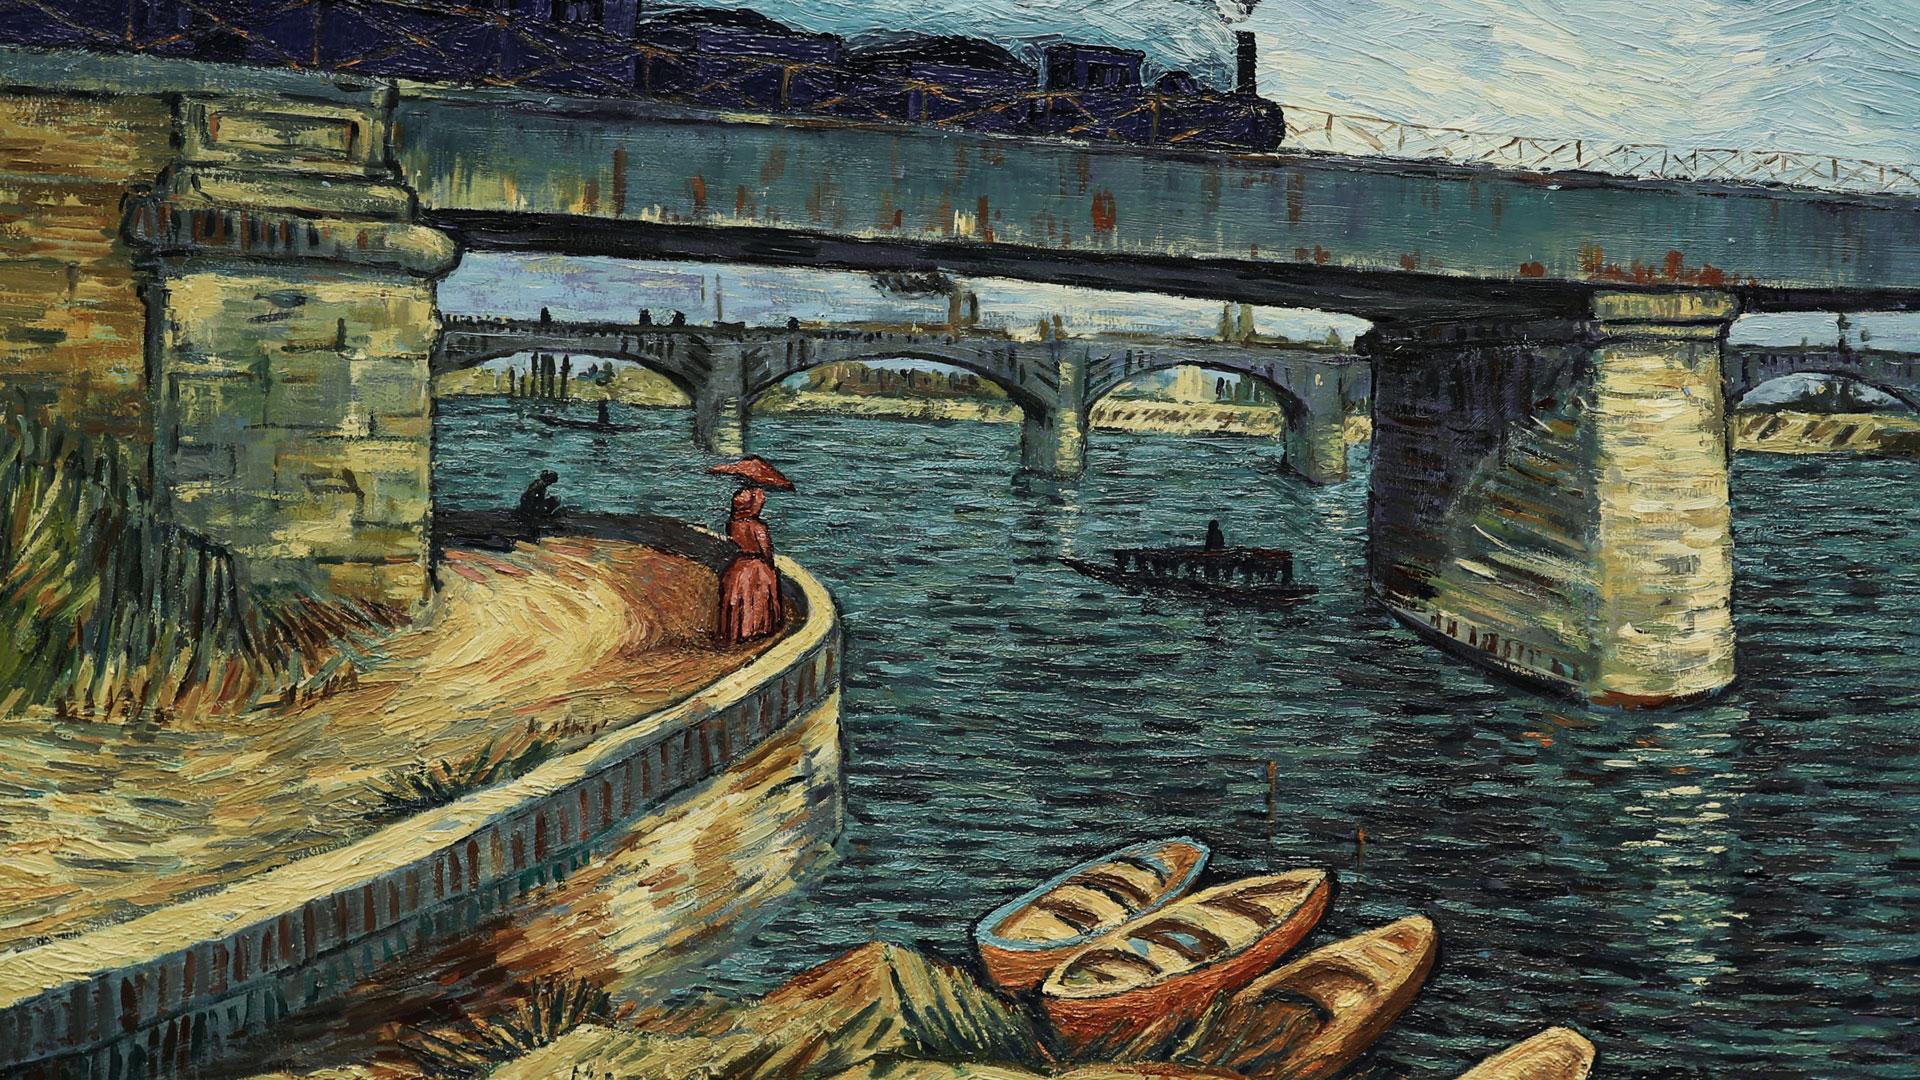 Eine Szene aus Loving Vincent